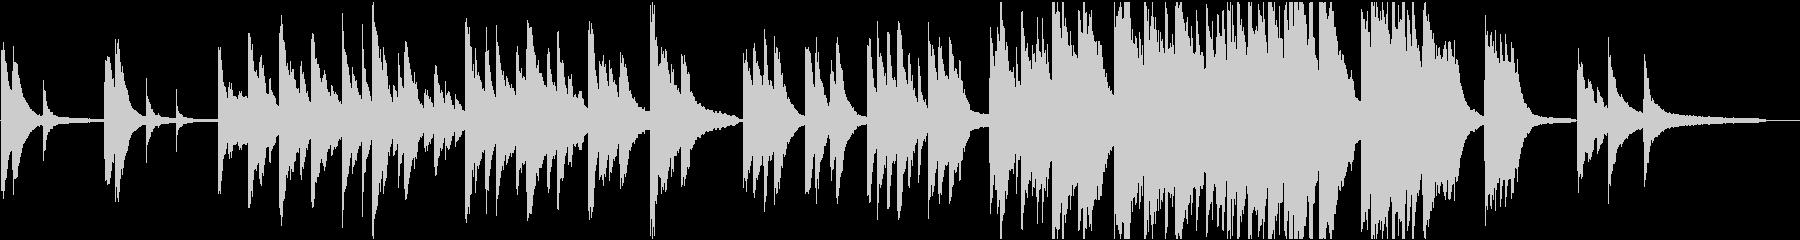 企業VP18 24bit44kHzVerの未再生の波形